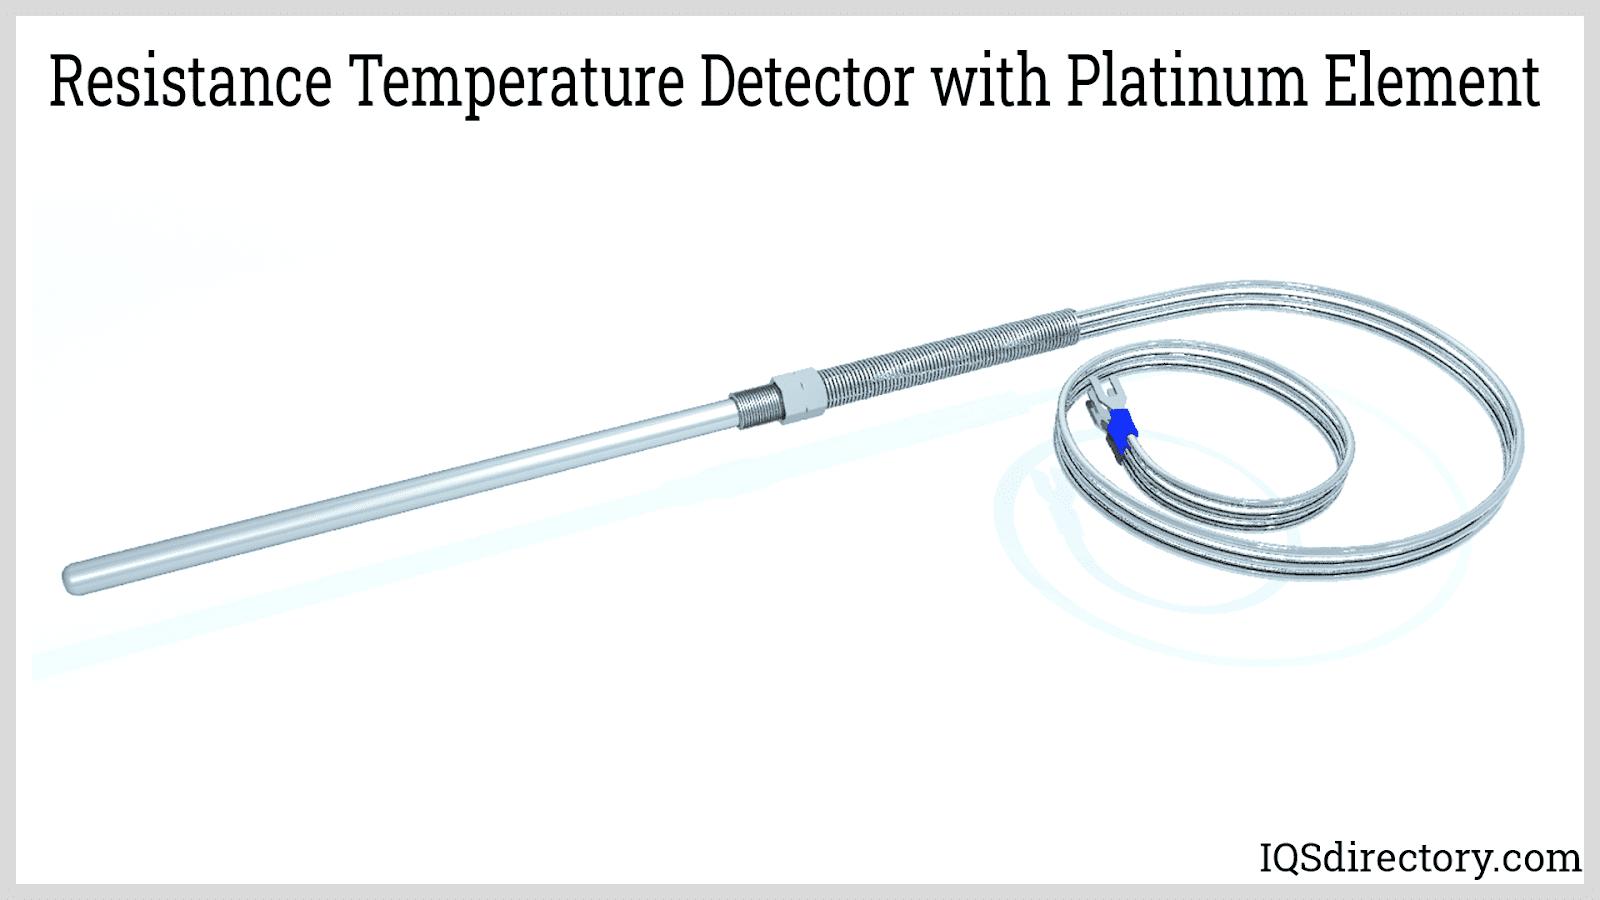 Resistance Temperature Detector with Platinum Element